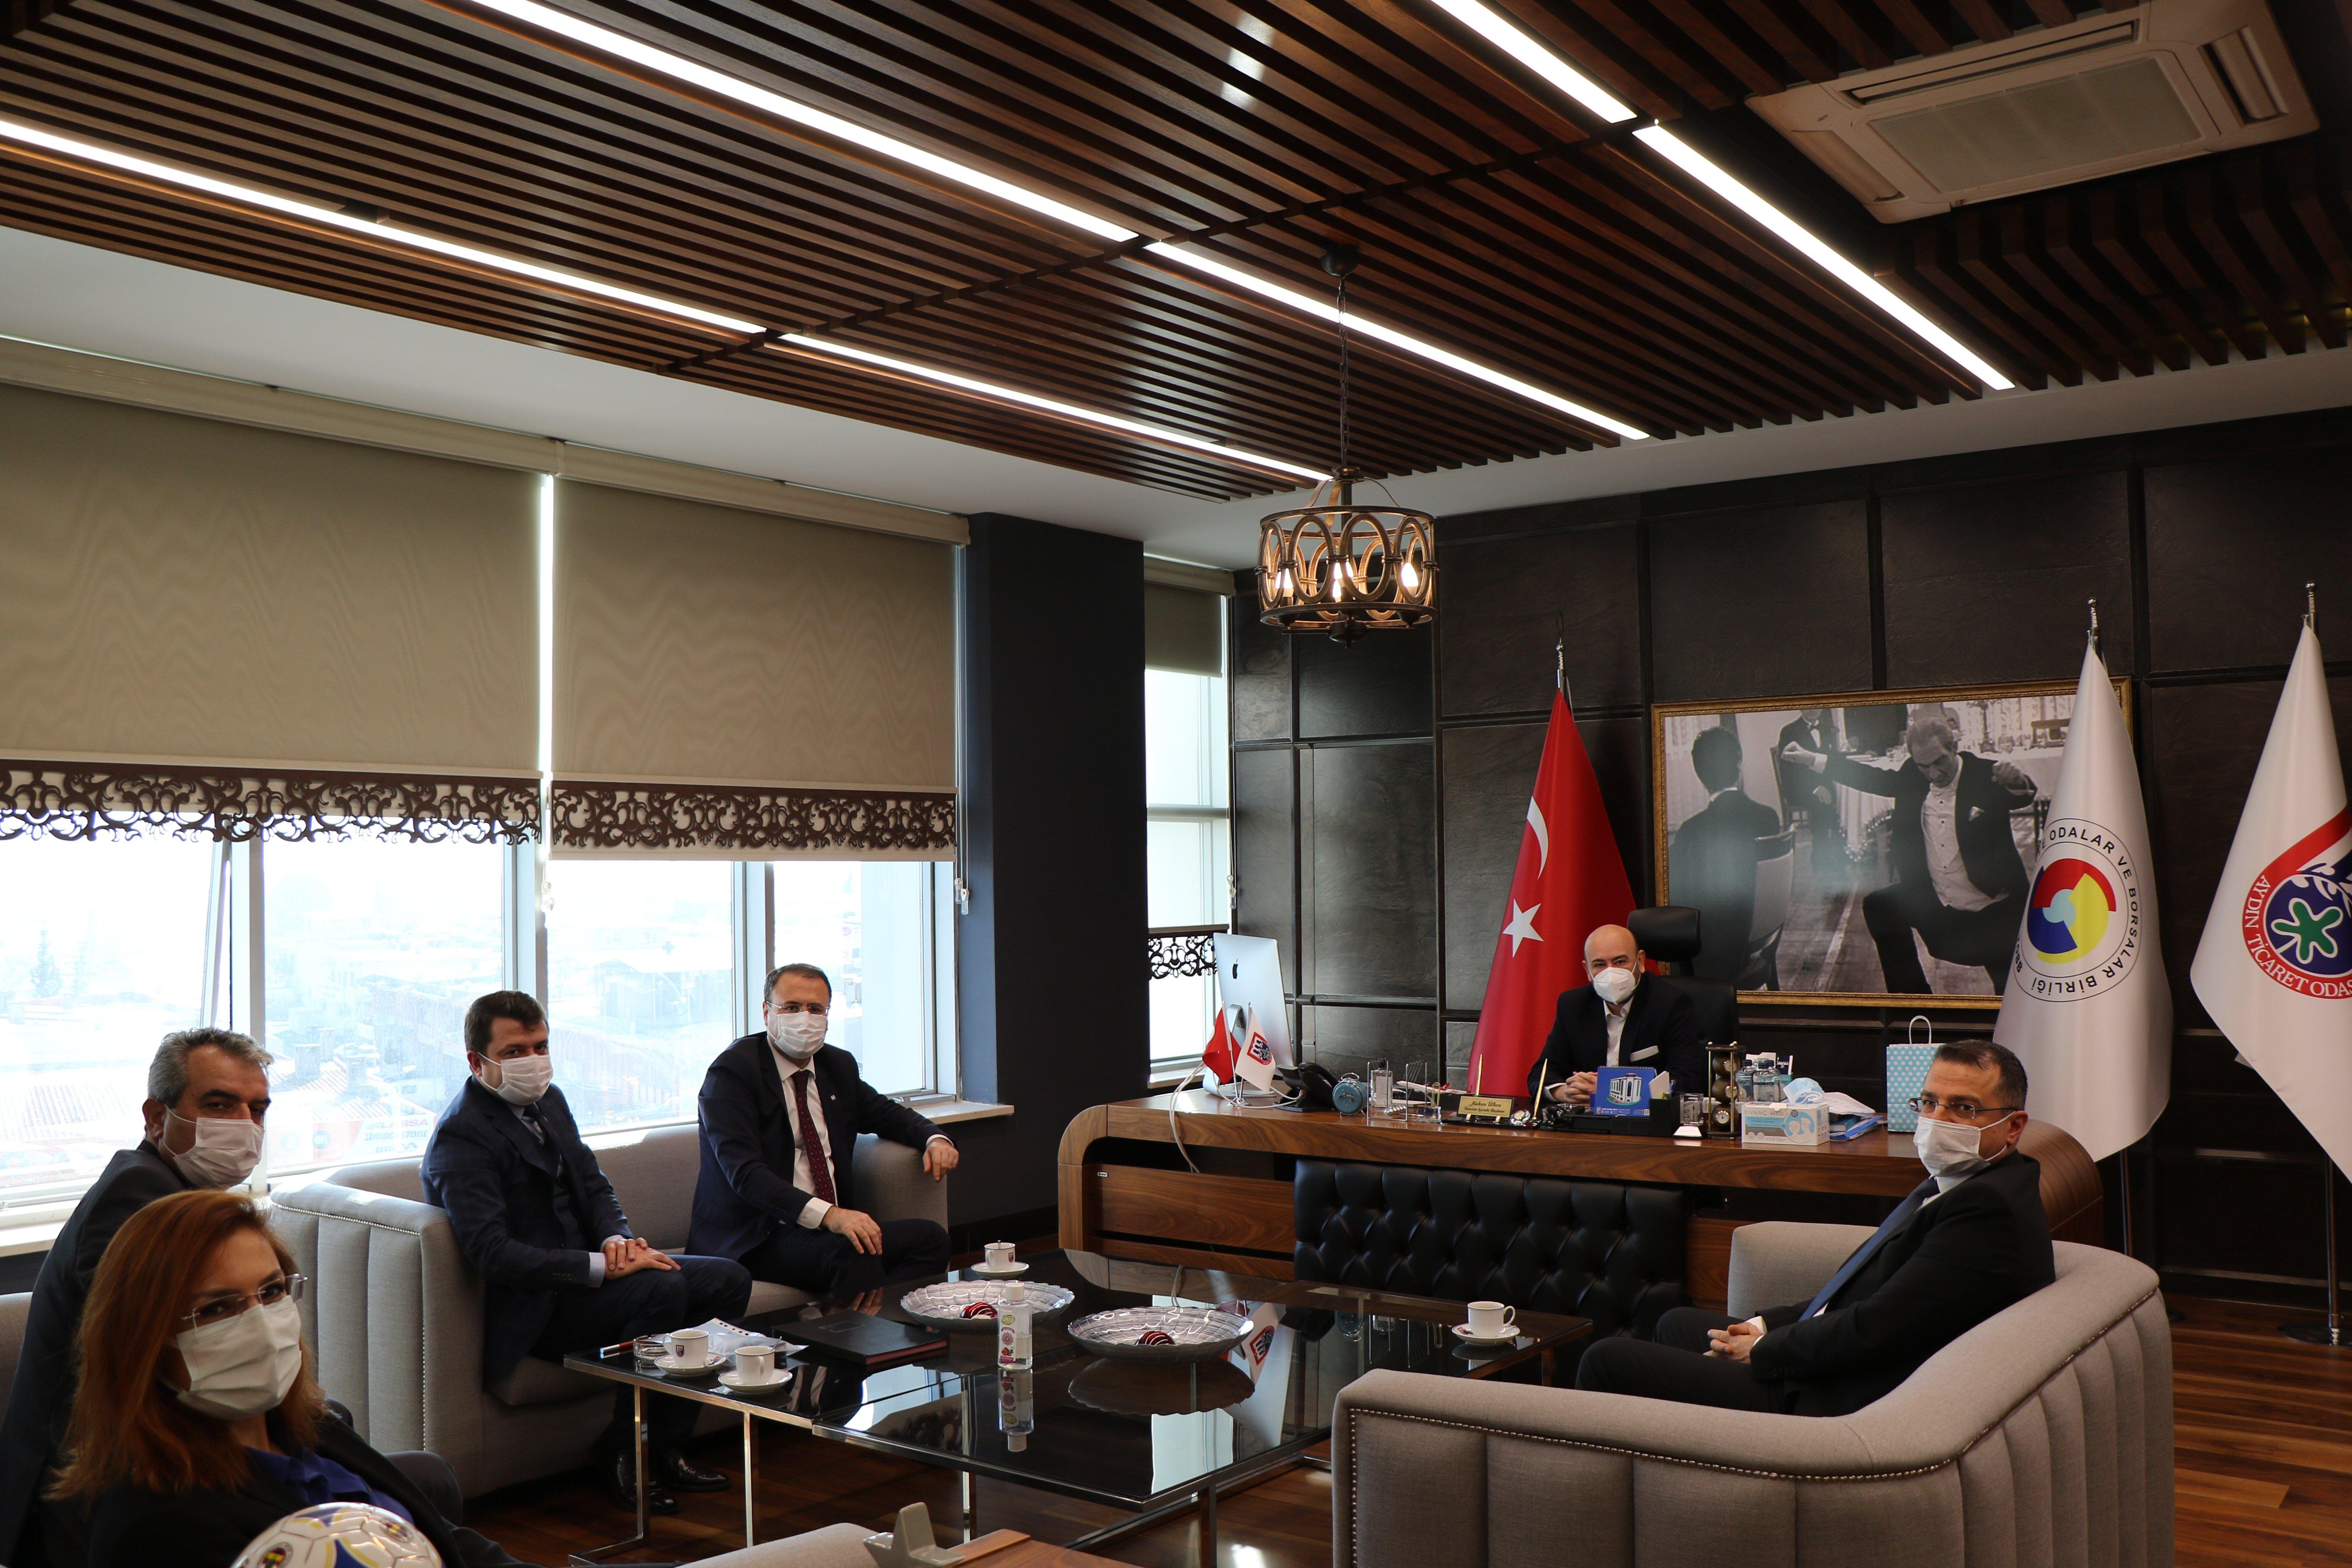 Halk Bankası Bölge Müdürü Akın DEMİRBAŞ ve Aydın Şube Müdürleri,  TOBB Yönetim Kurulu Üyesi ve Odamız Başkanı Hakan ÜLKEN' i makamında ziyaret etti.